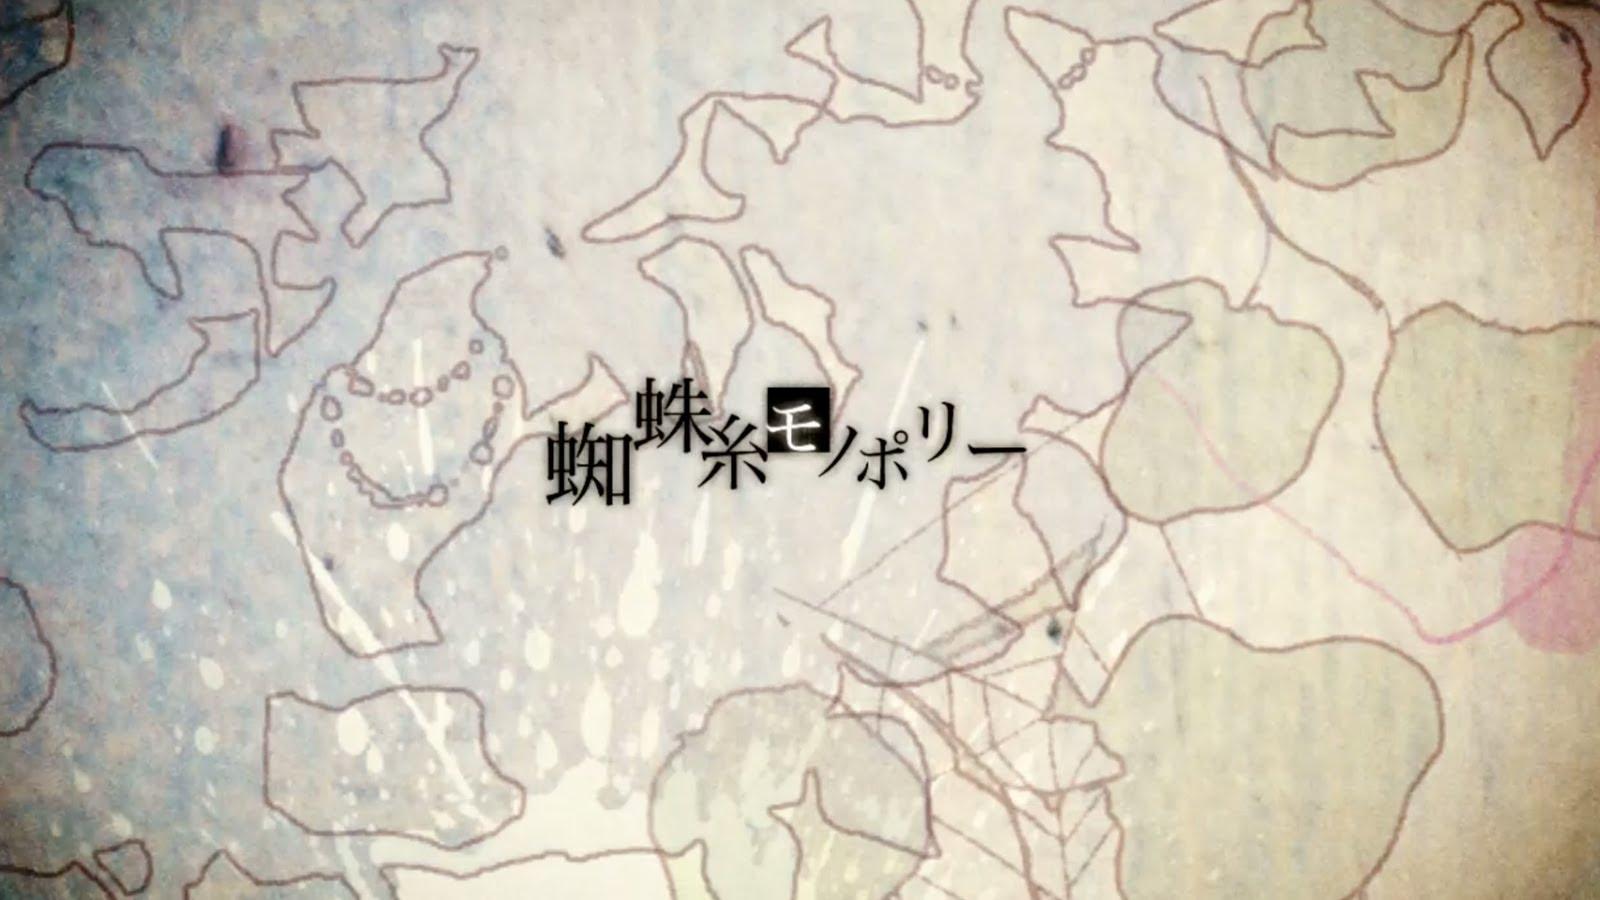 蜘蛛糸モノポリー (Kumoito Monopoly)